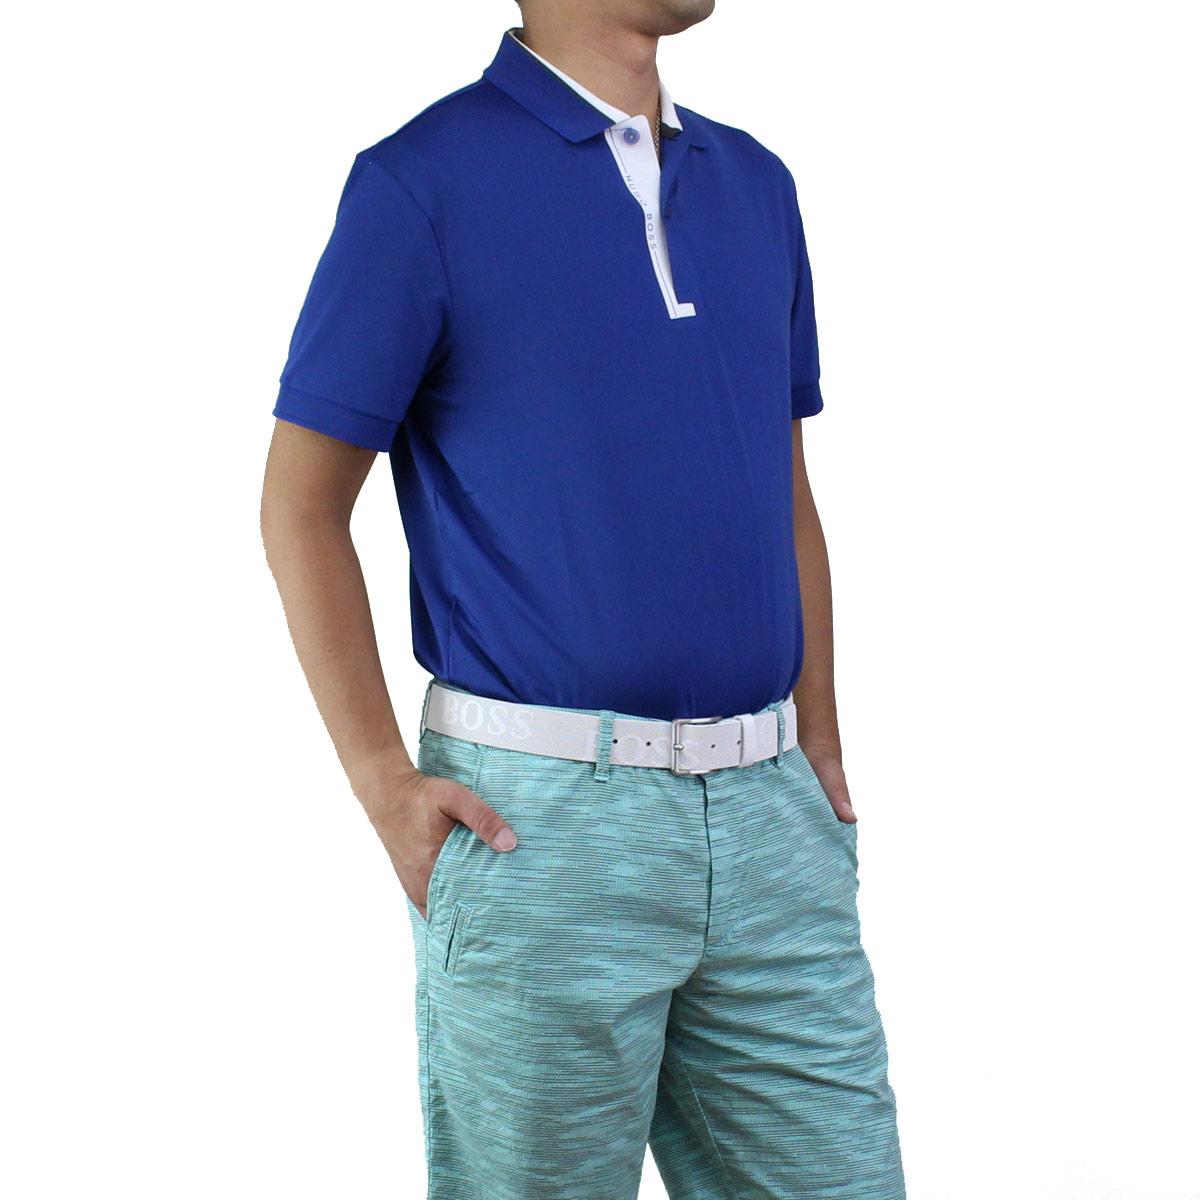 ヒューゴ ボス HUGO BOSS PADDY PRO 1 パディ プロ ポロシャツ 半袖 ゴルフウェア 50403515 10208323 462 ブルー系 メンズ【キャッシュレス 5% 還元】